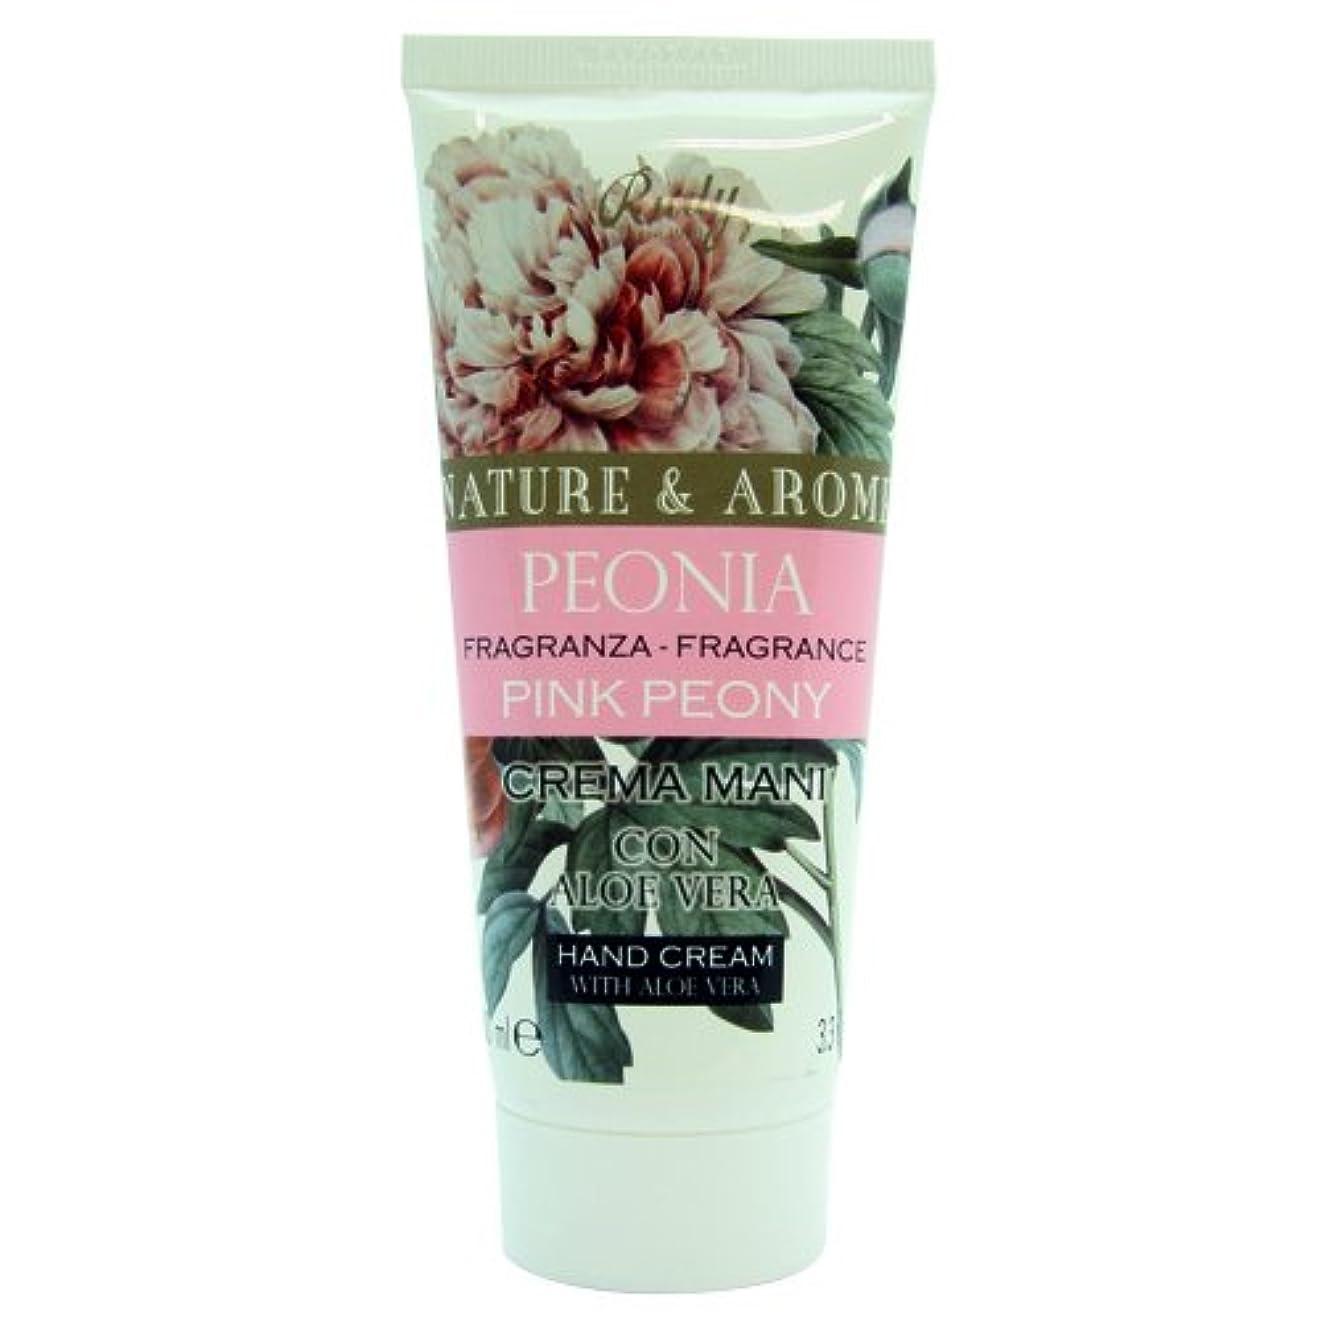 好き才能のある苦情文句RUDY Nature&Arome SERIES ルディ ナチュール&アロマ Hand Cream ハンドクリーム  ピンクピオニー